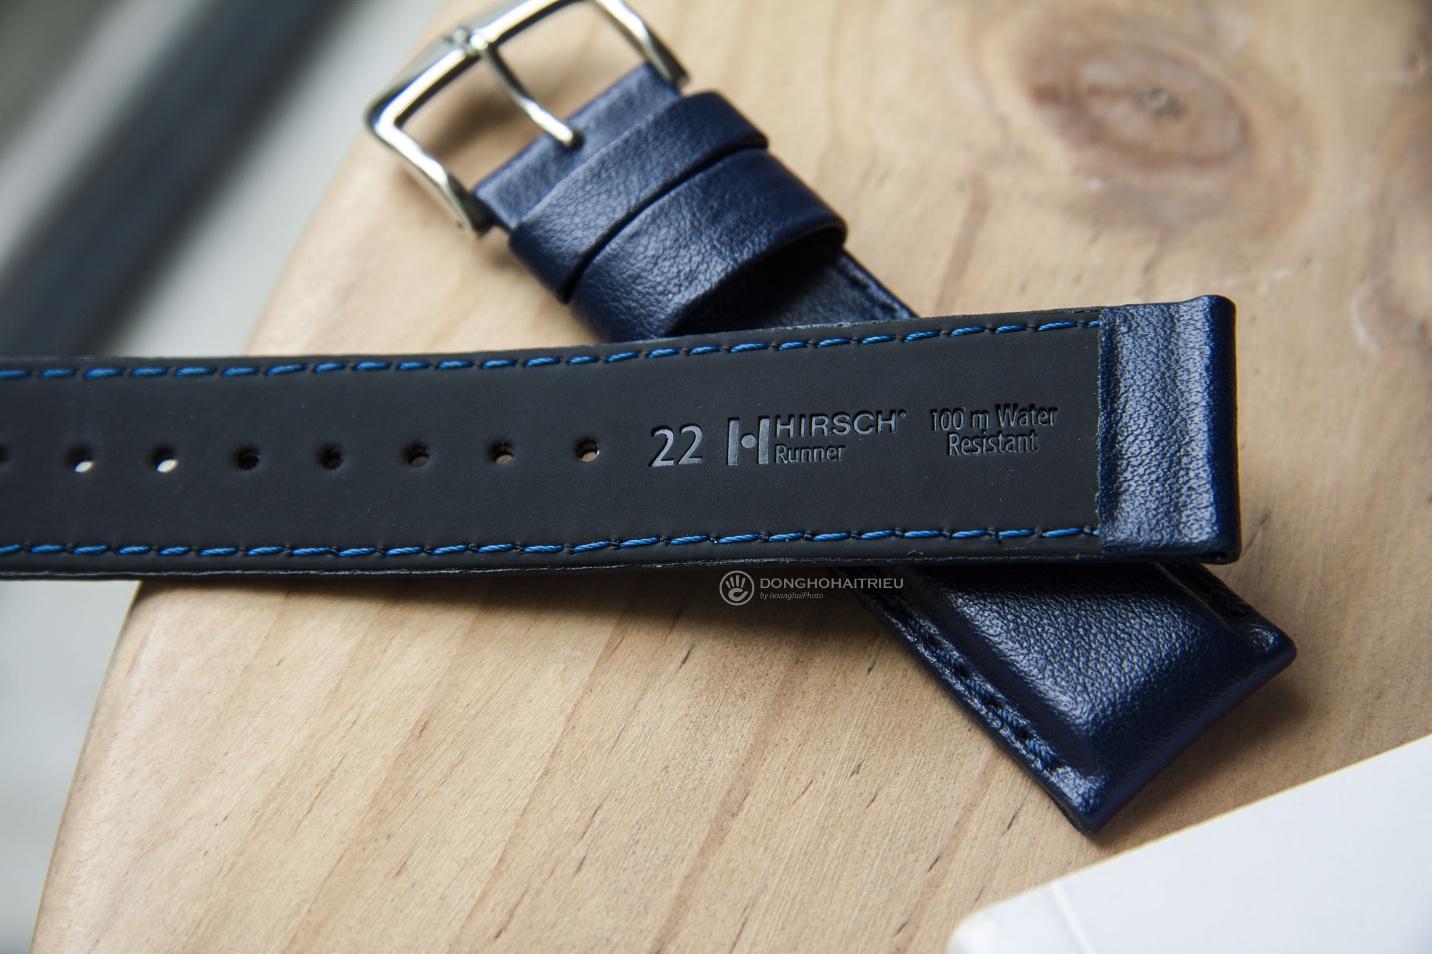 Bộ sưu tập dây da được các thương hiệu đồng hồ nổi tiếng thế giới ưa chuộng - Ảnh 10.